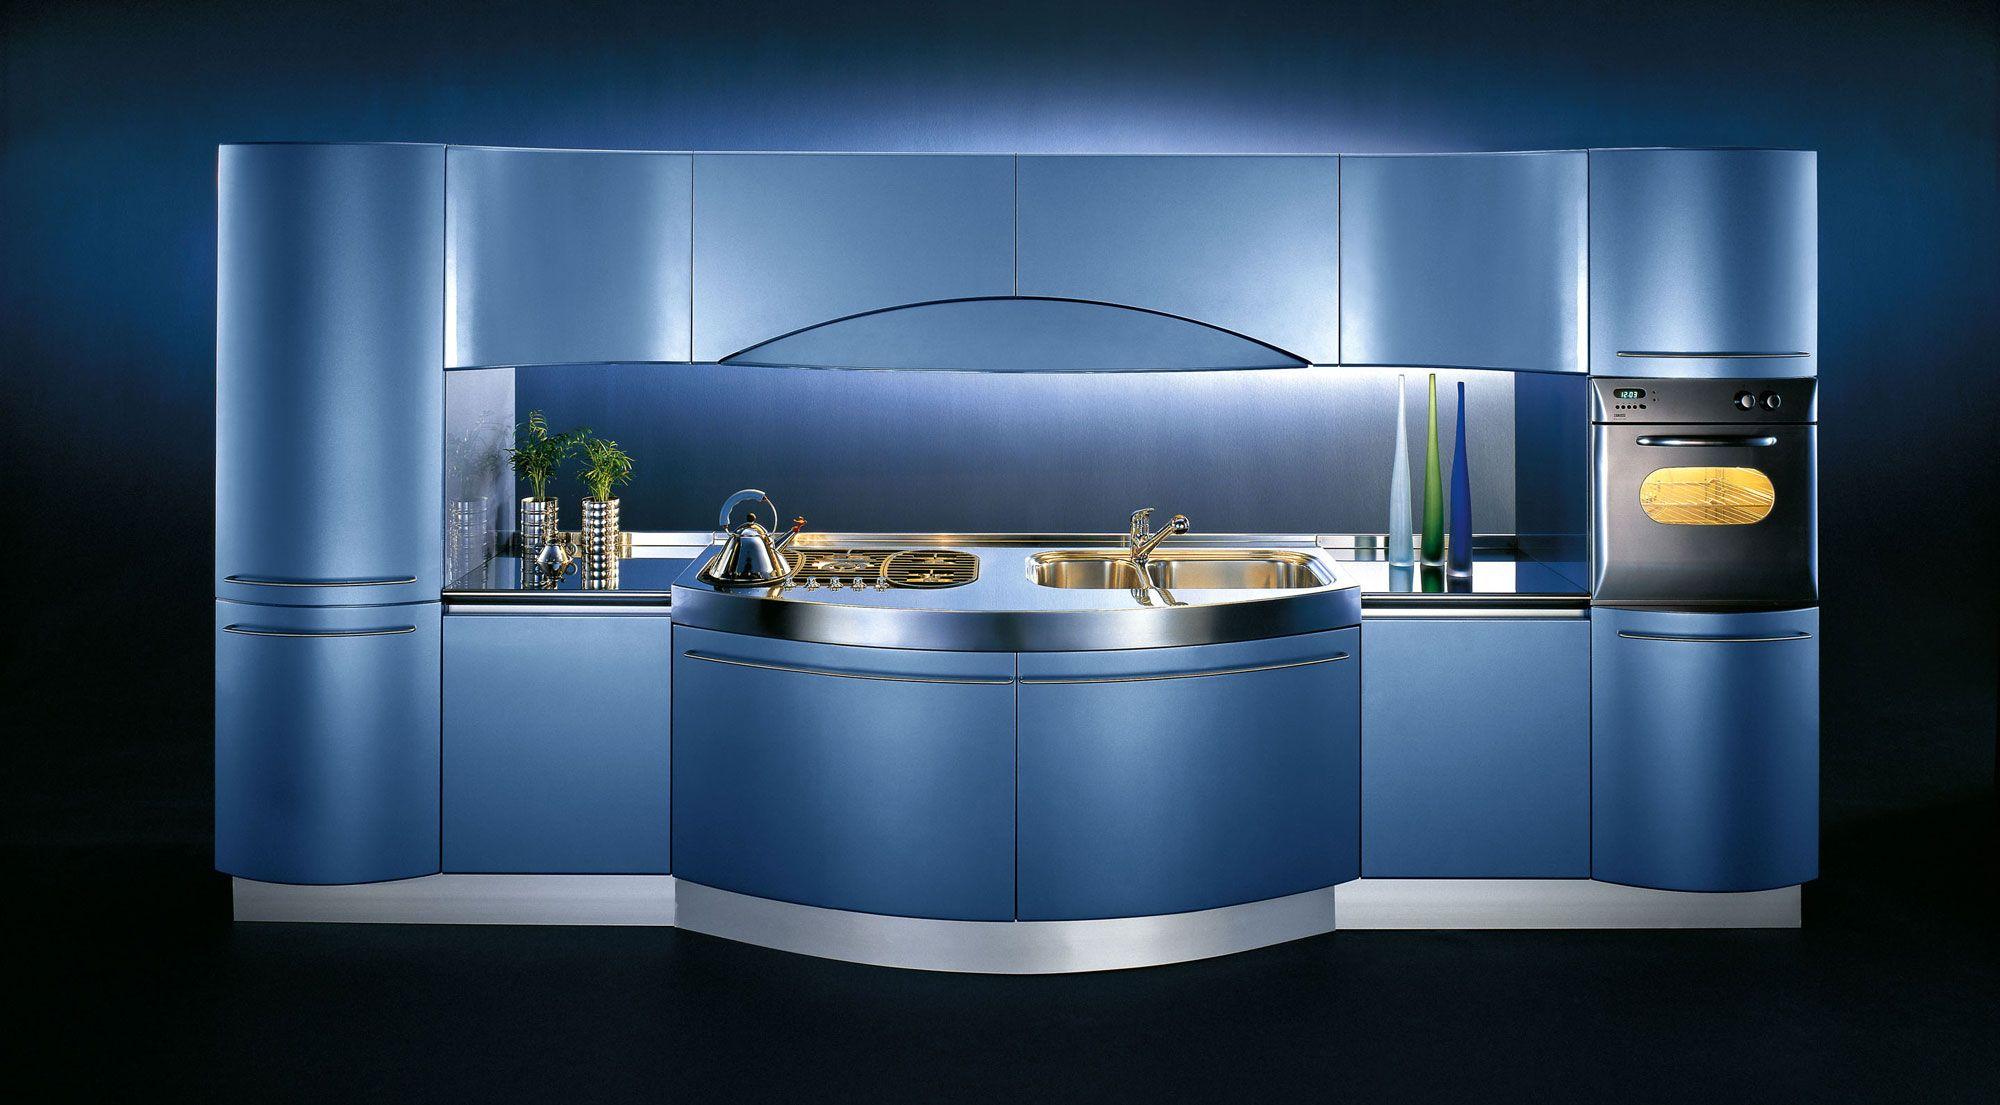 Stunning Prezzi Cucine Snaidero Contemporary - Orna.info - orna.info